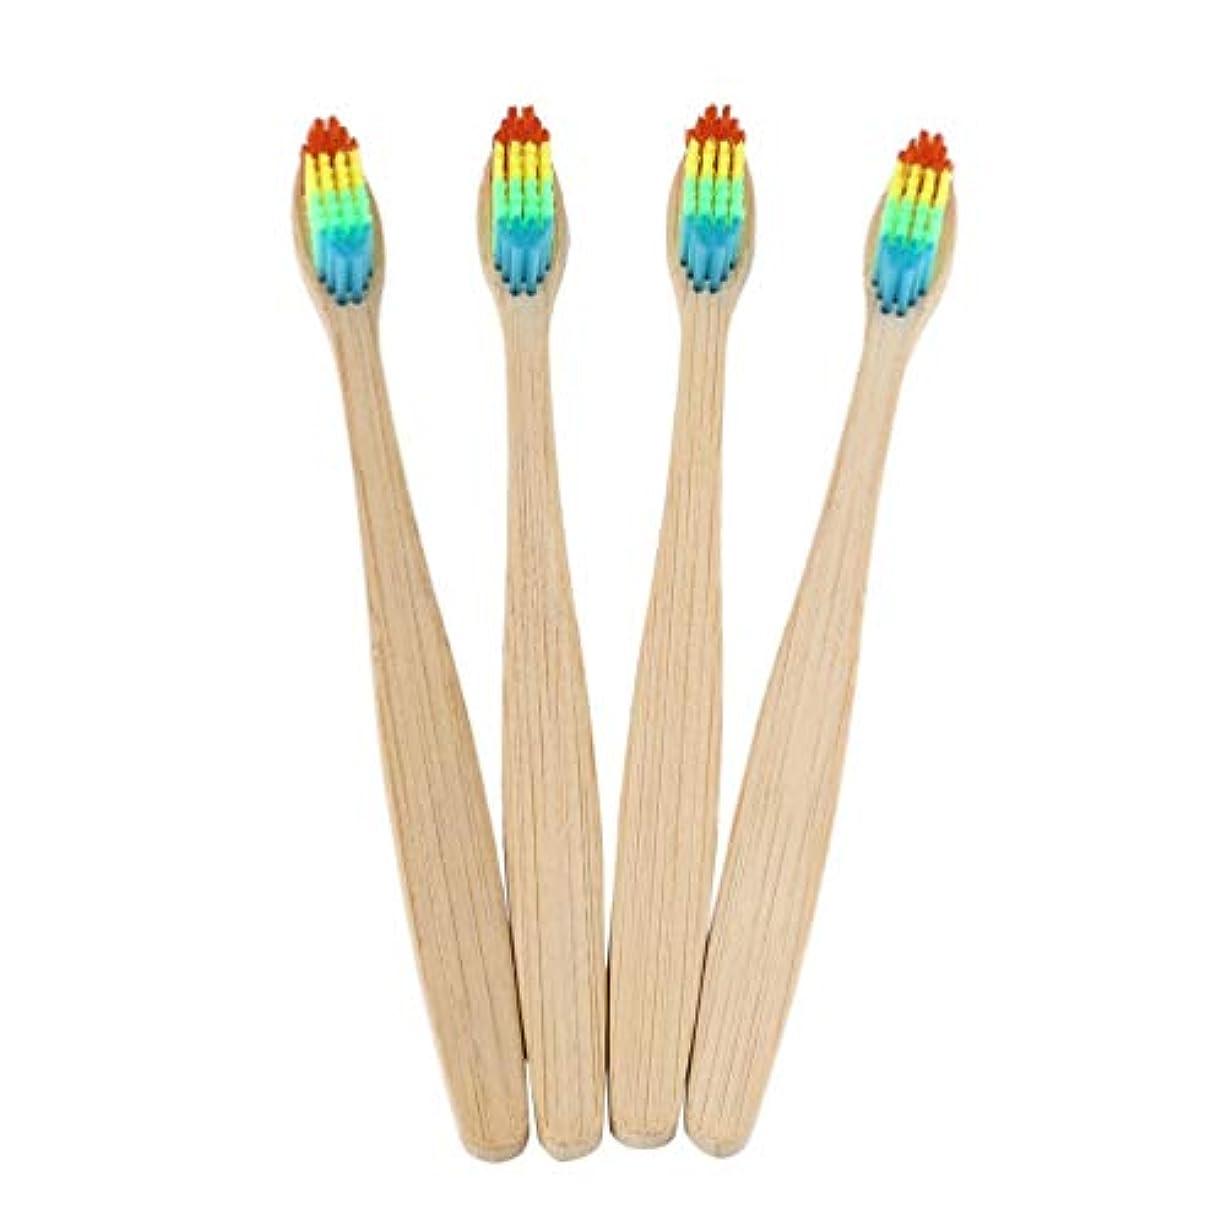 バンク政治的火山カラフルな髪+竹のハンドル歯ブラシ環境木製の虹竹の歯ブラシオーラルケアソフト剛毛ユニセックス - ウッドカラー+カラフル